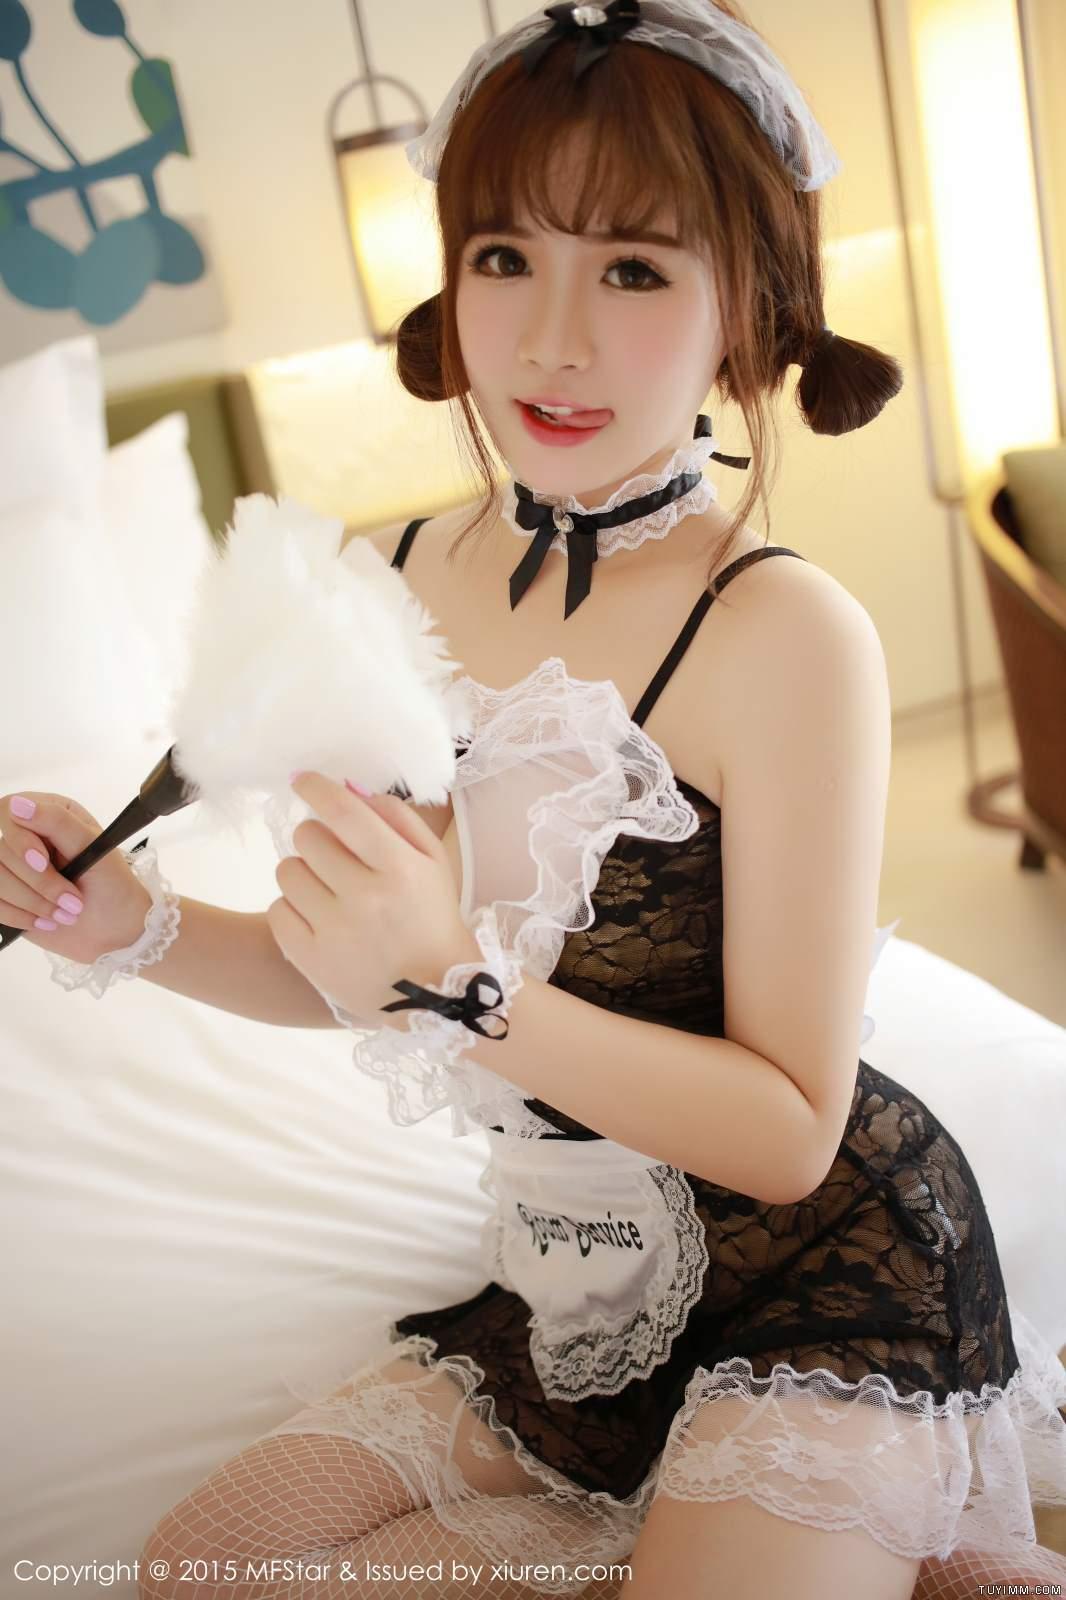 [福利]漂亮御姐护士肉丝脱衣制服诱惑爆乳福利写真-第26张图片-哔哔娱乐网